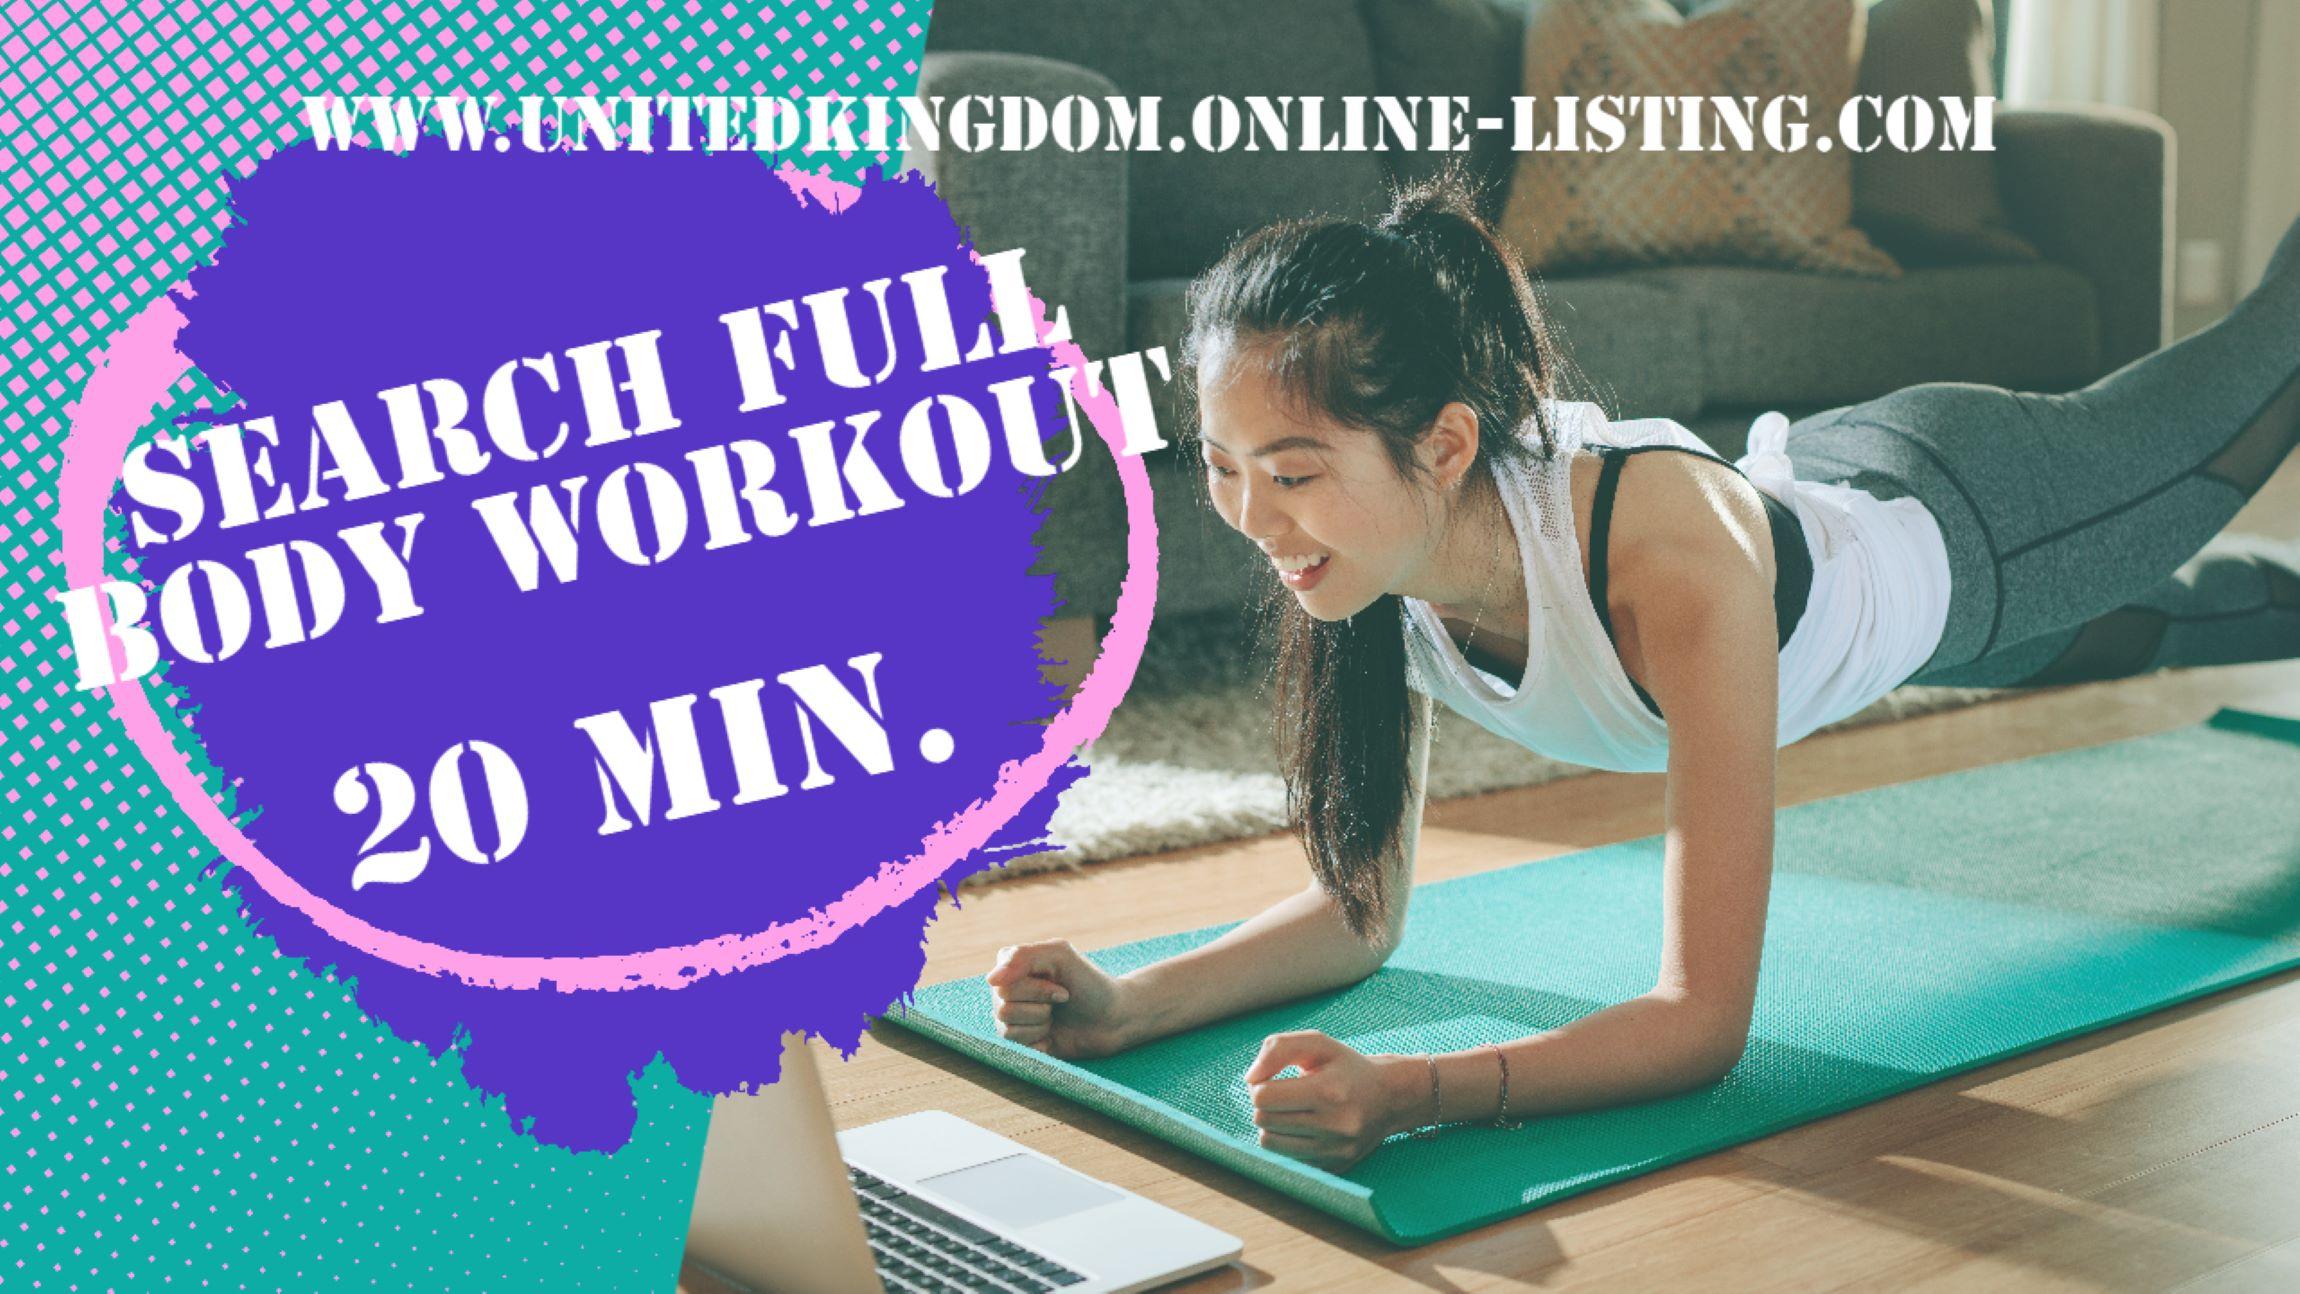 Full Body 20 Min Workout Plan